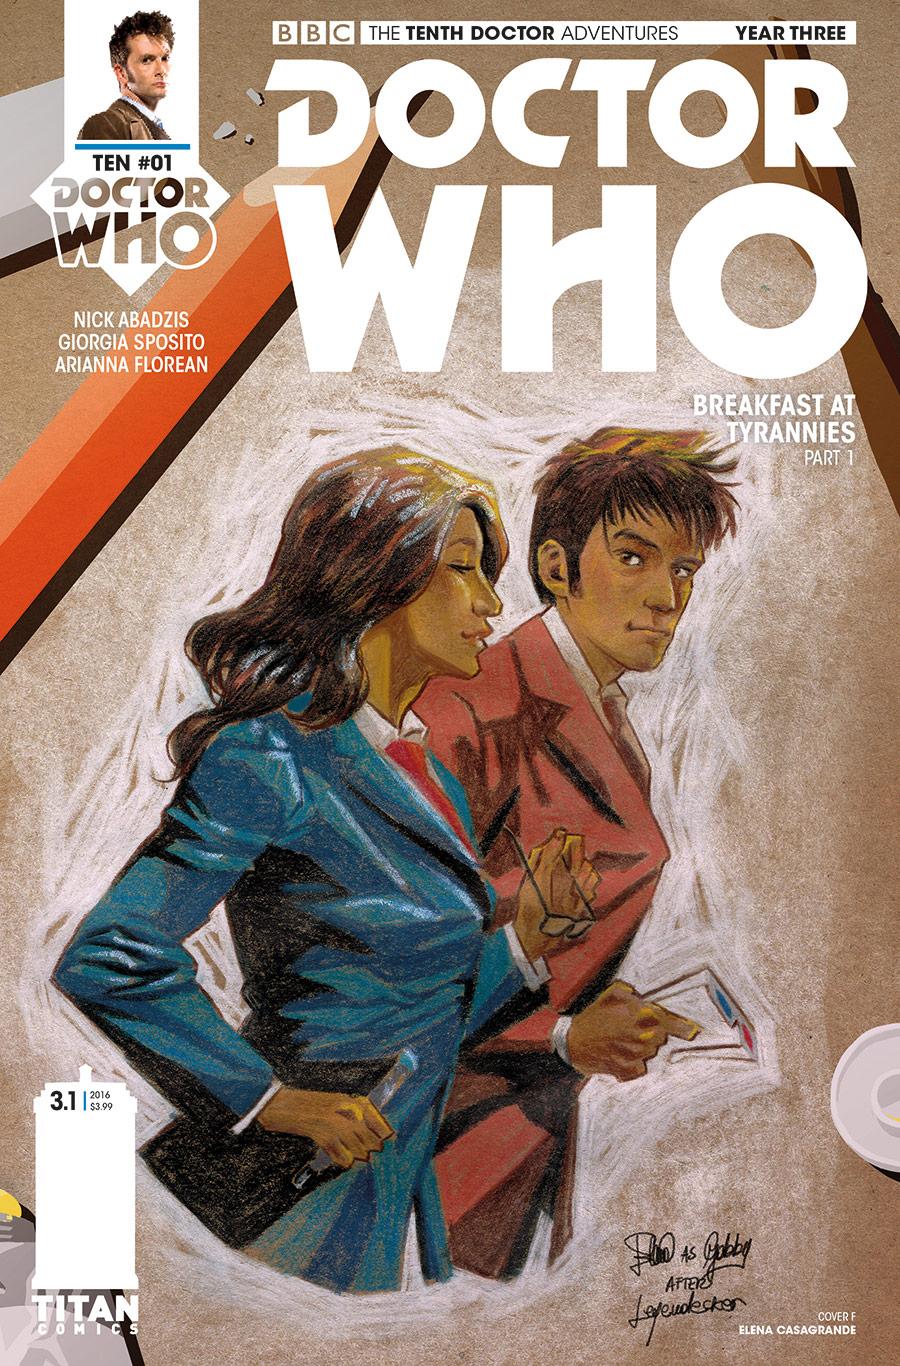 TITAN COMICS - TENTH DOCTOR YEAR 3 #1 - COVER F ELENA CASAGRANDE